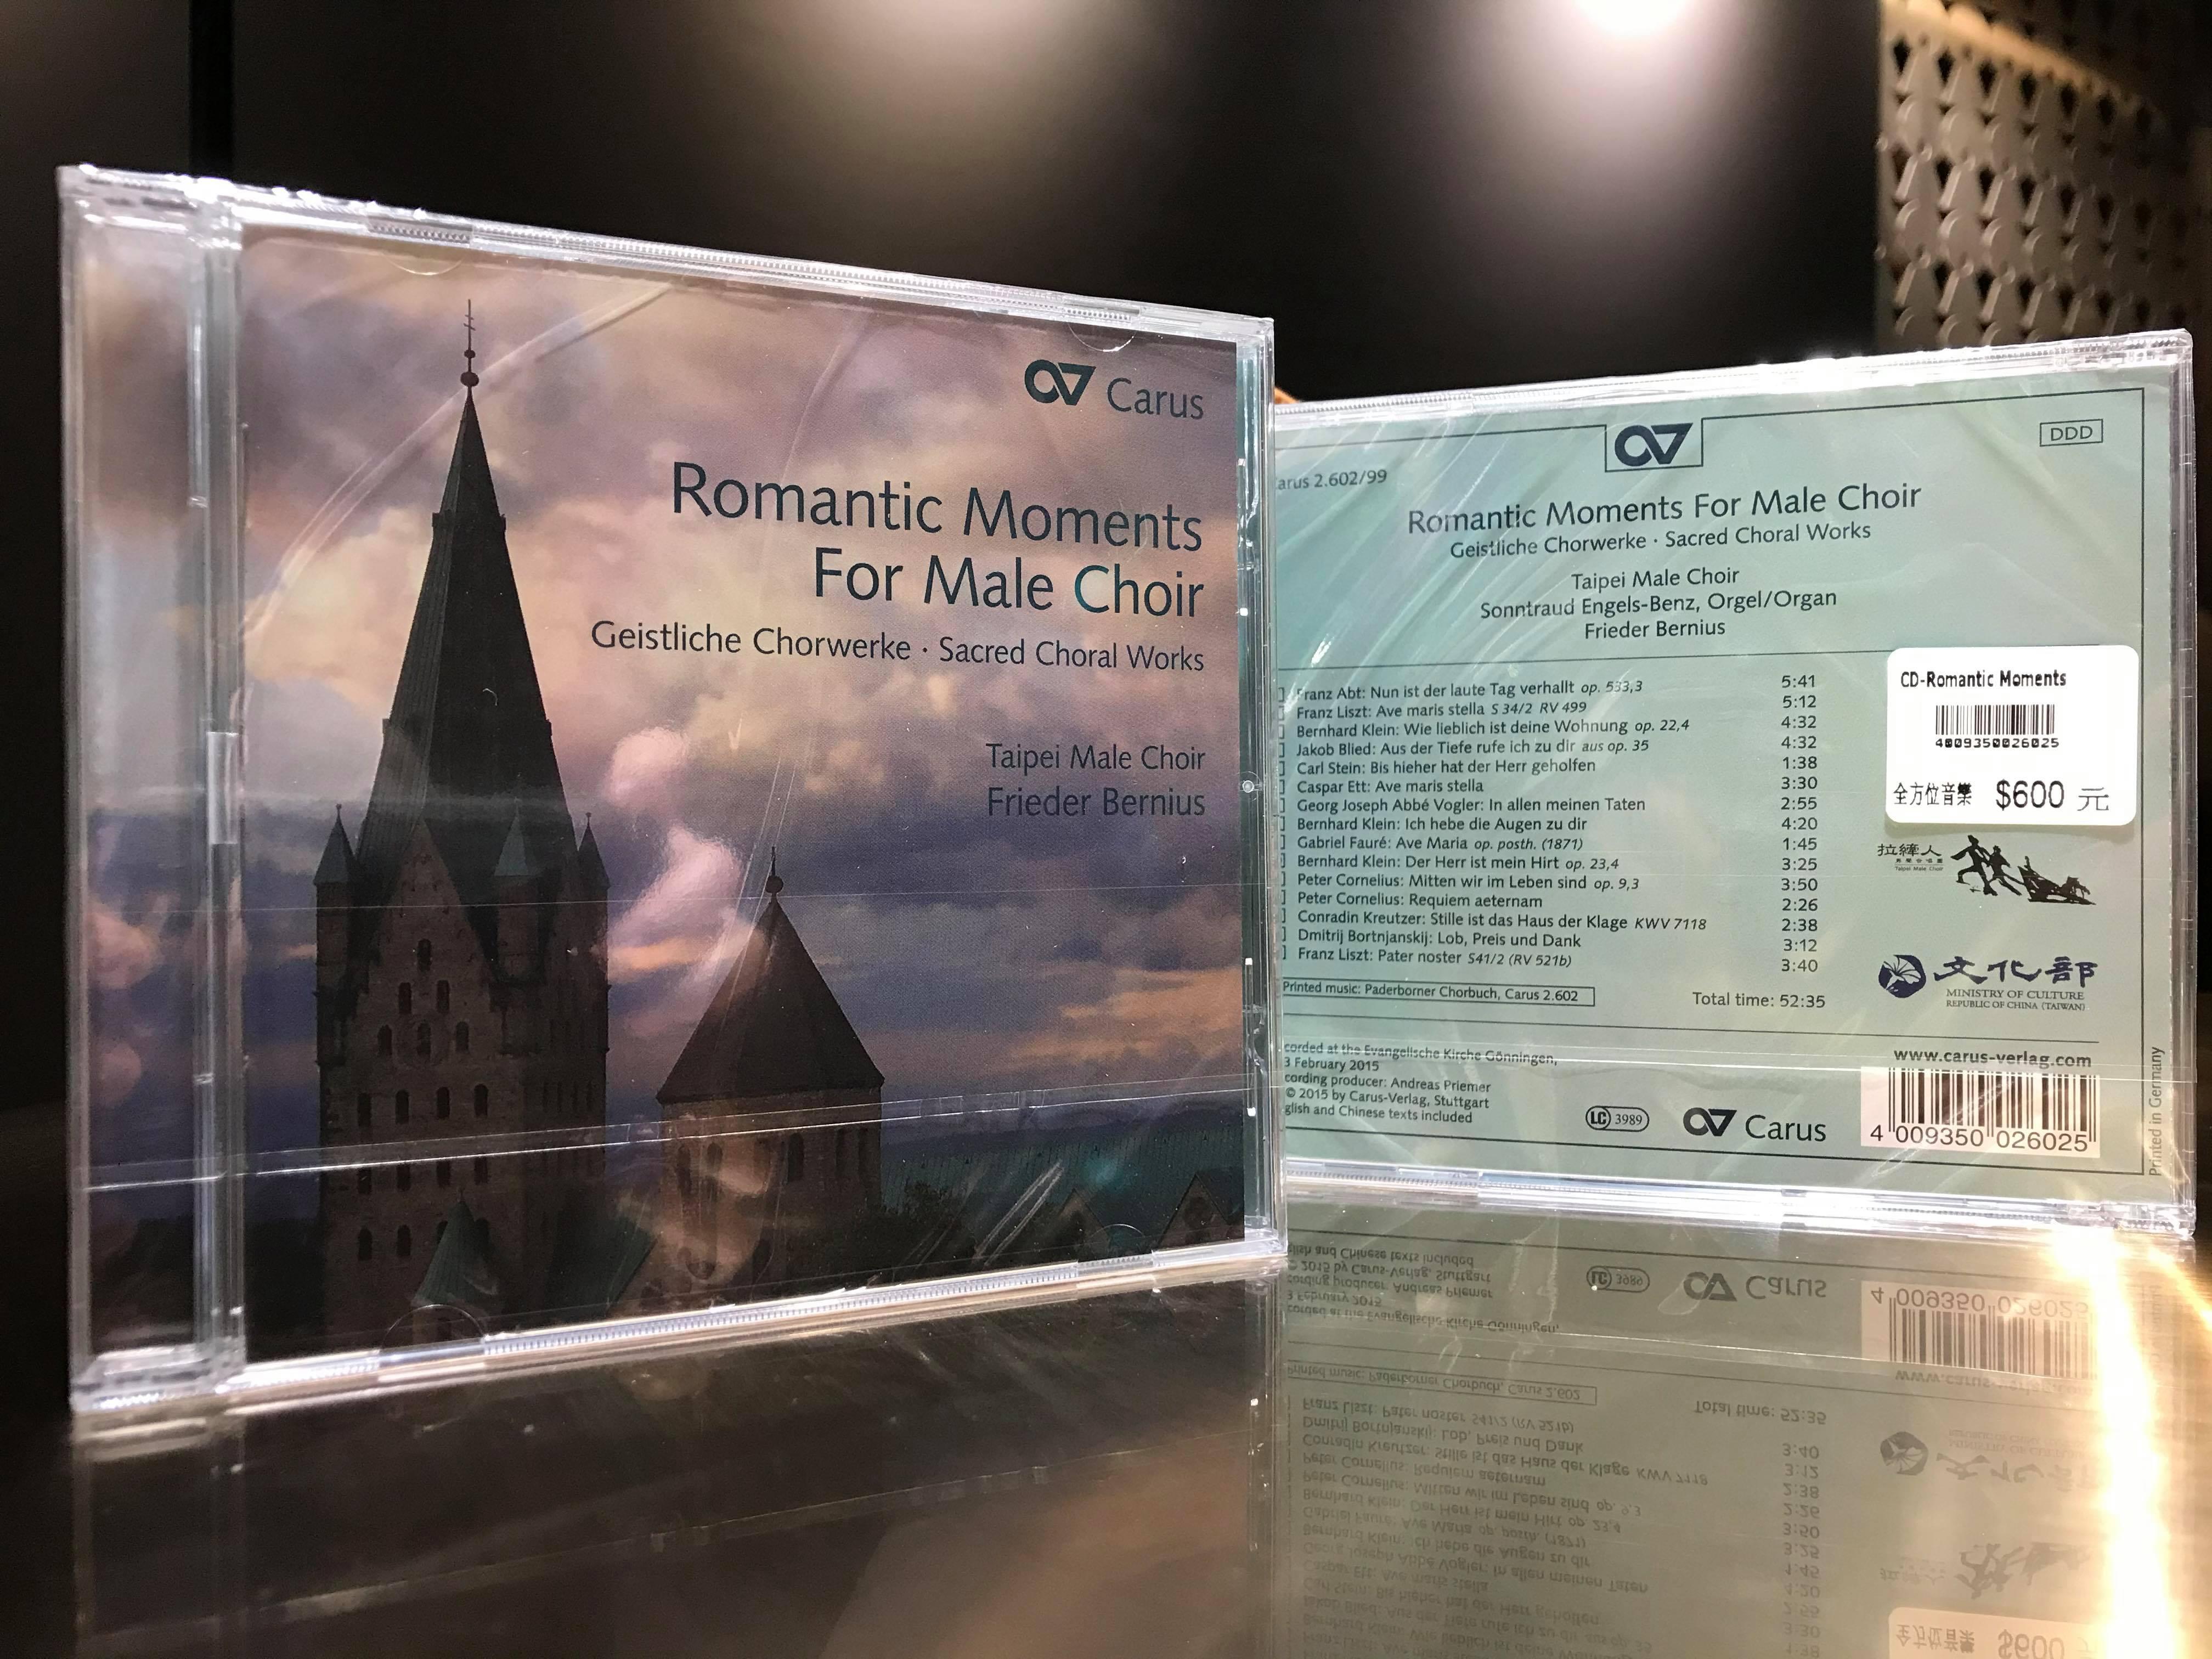 【音樂相關商品】拉縴人男聲合唱團《Romantic Moments For Male Choir》CD   指揮 Frieder Bernius